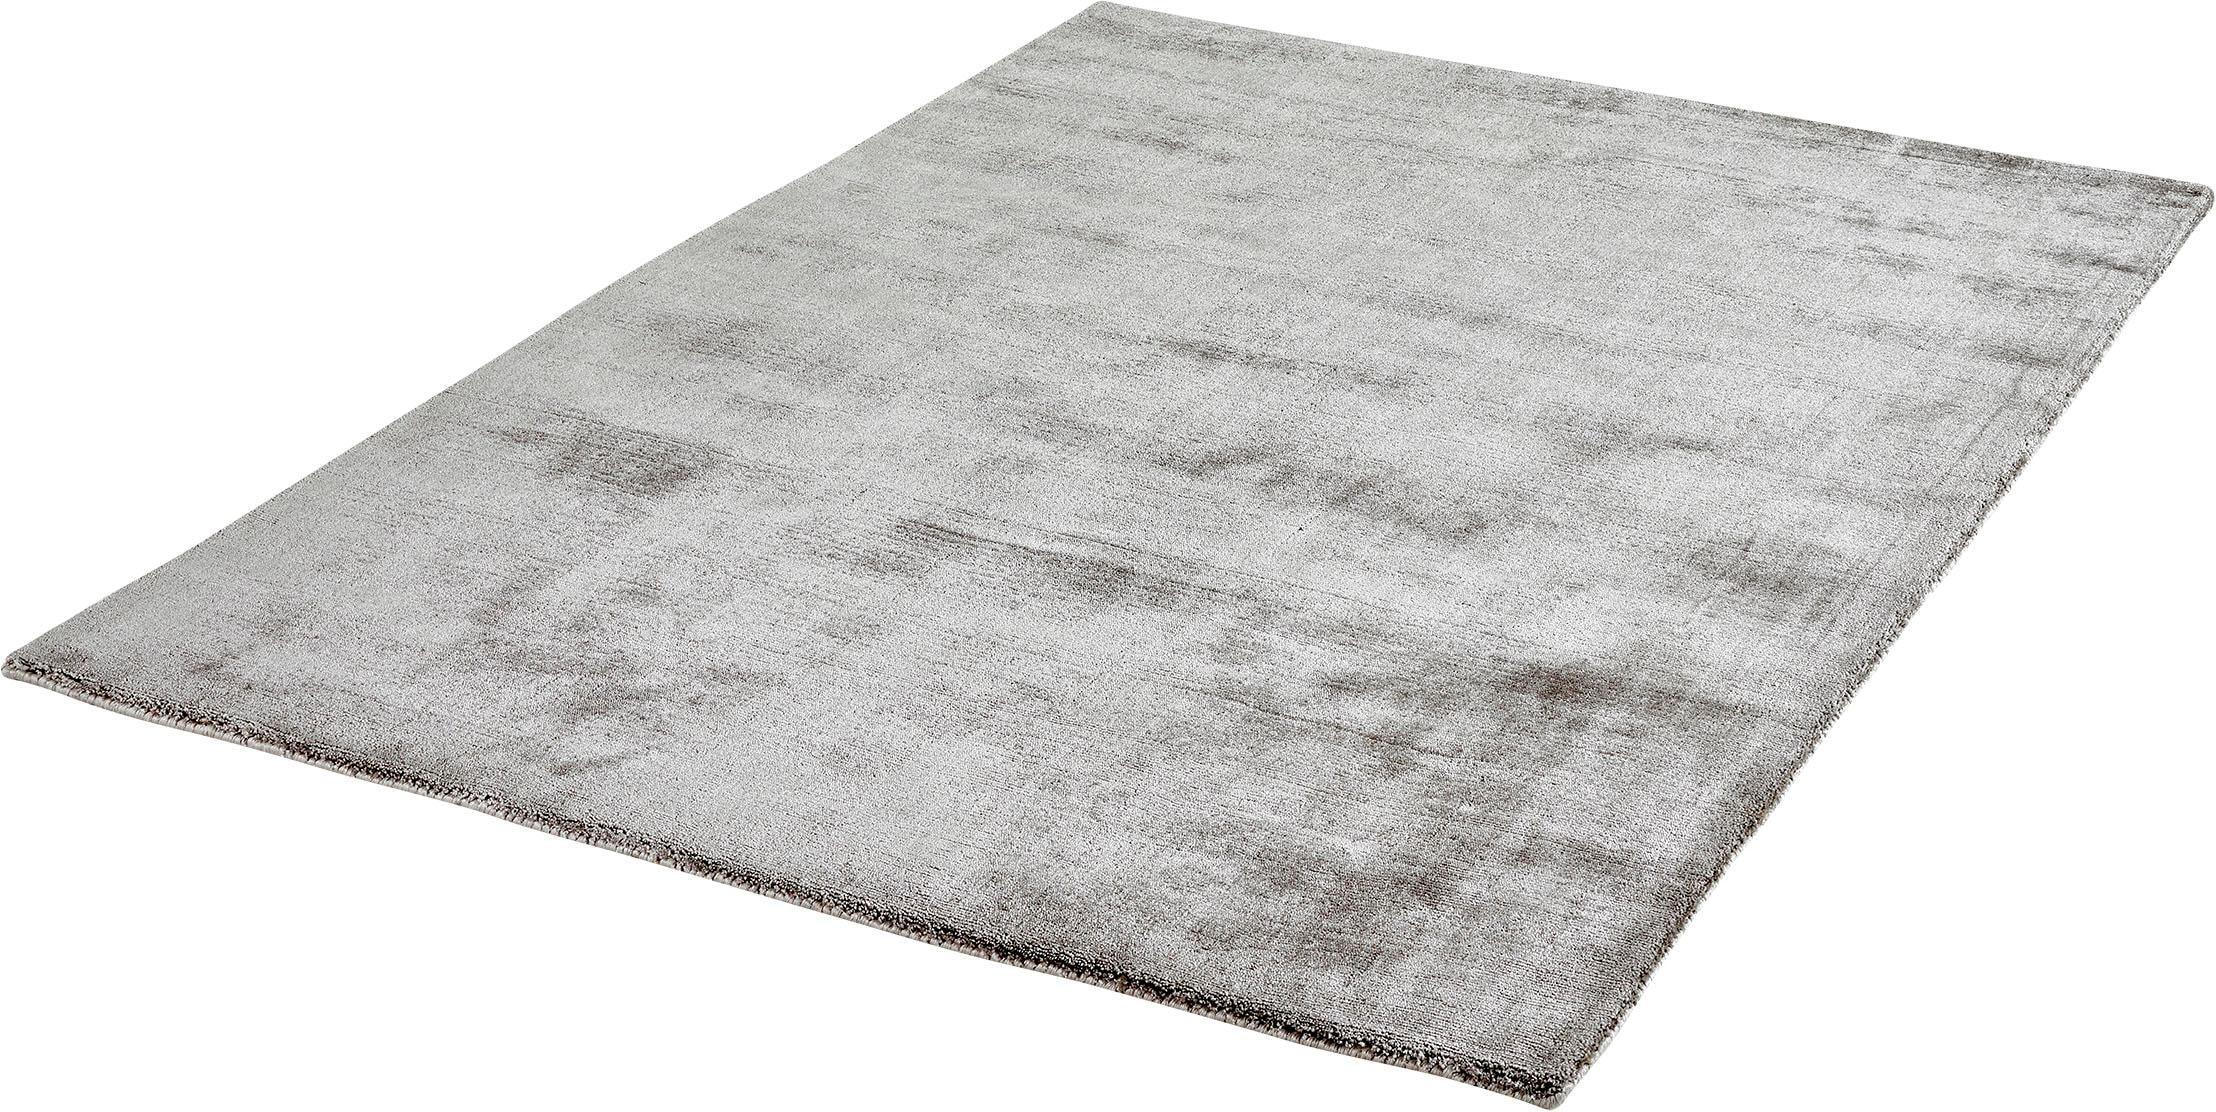 obsession Sonstige Teppiche online kaufen   Möbel